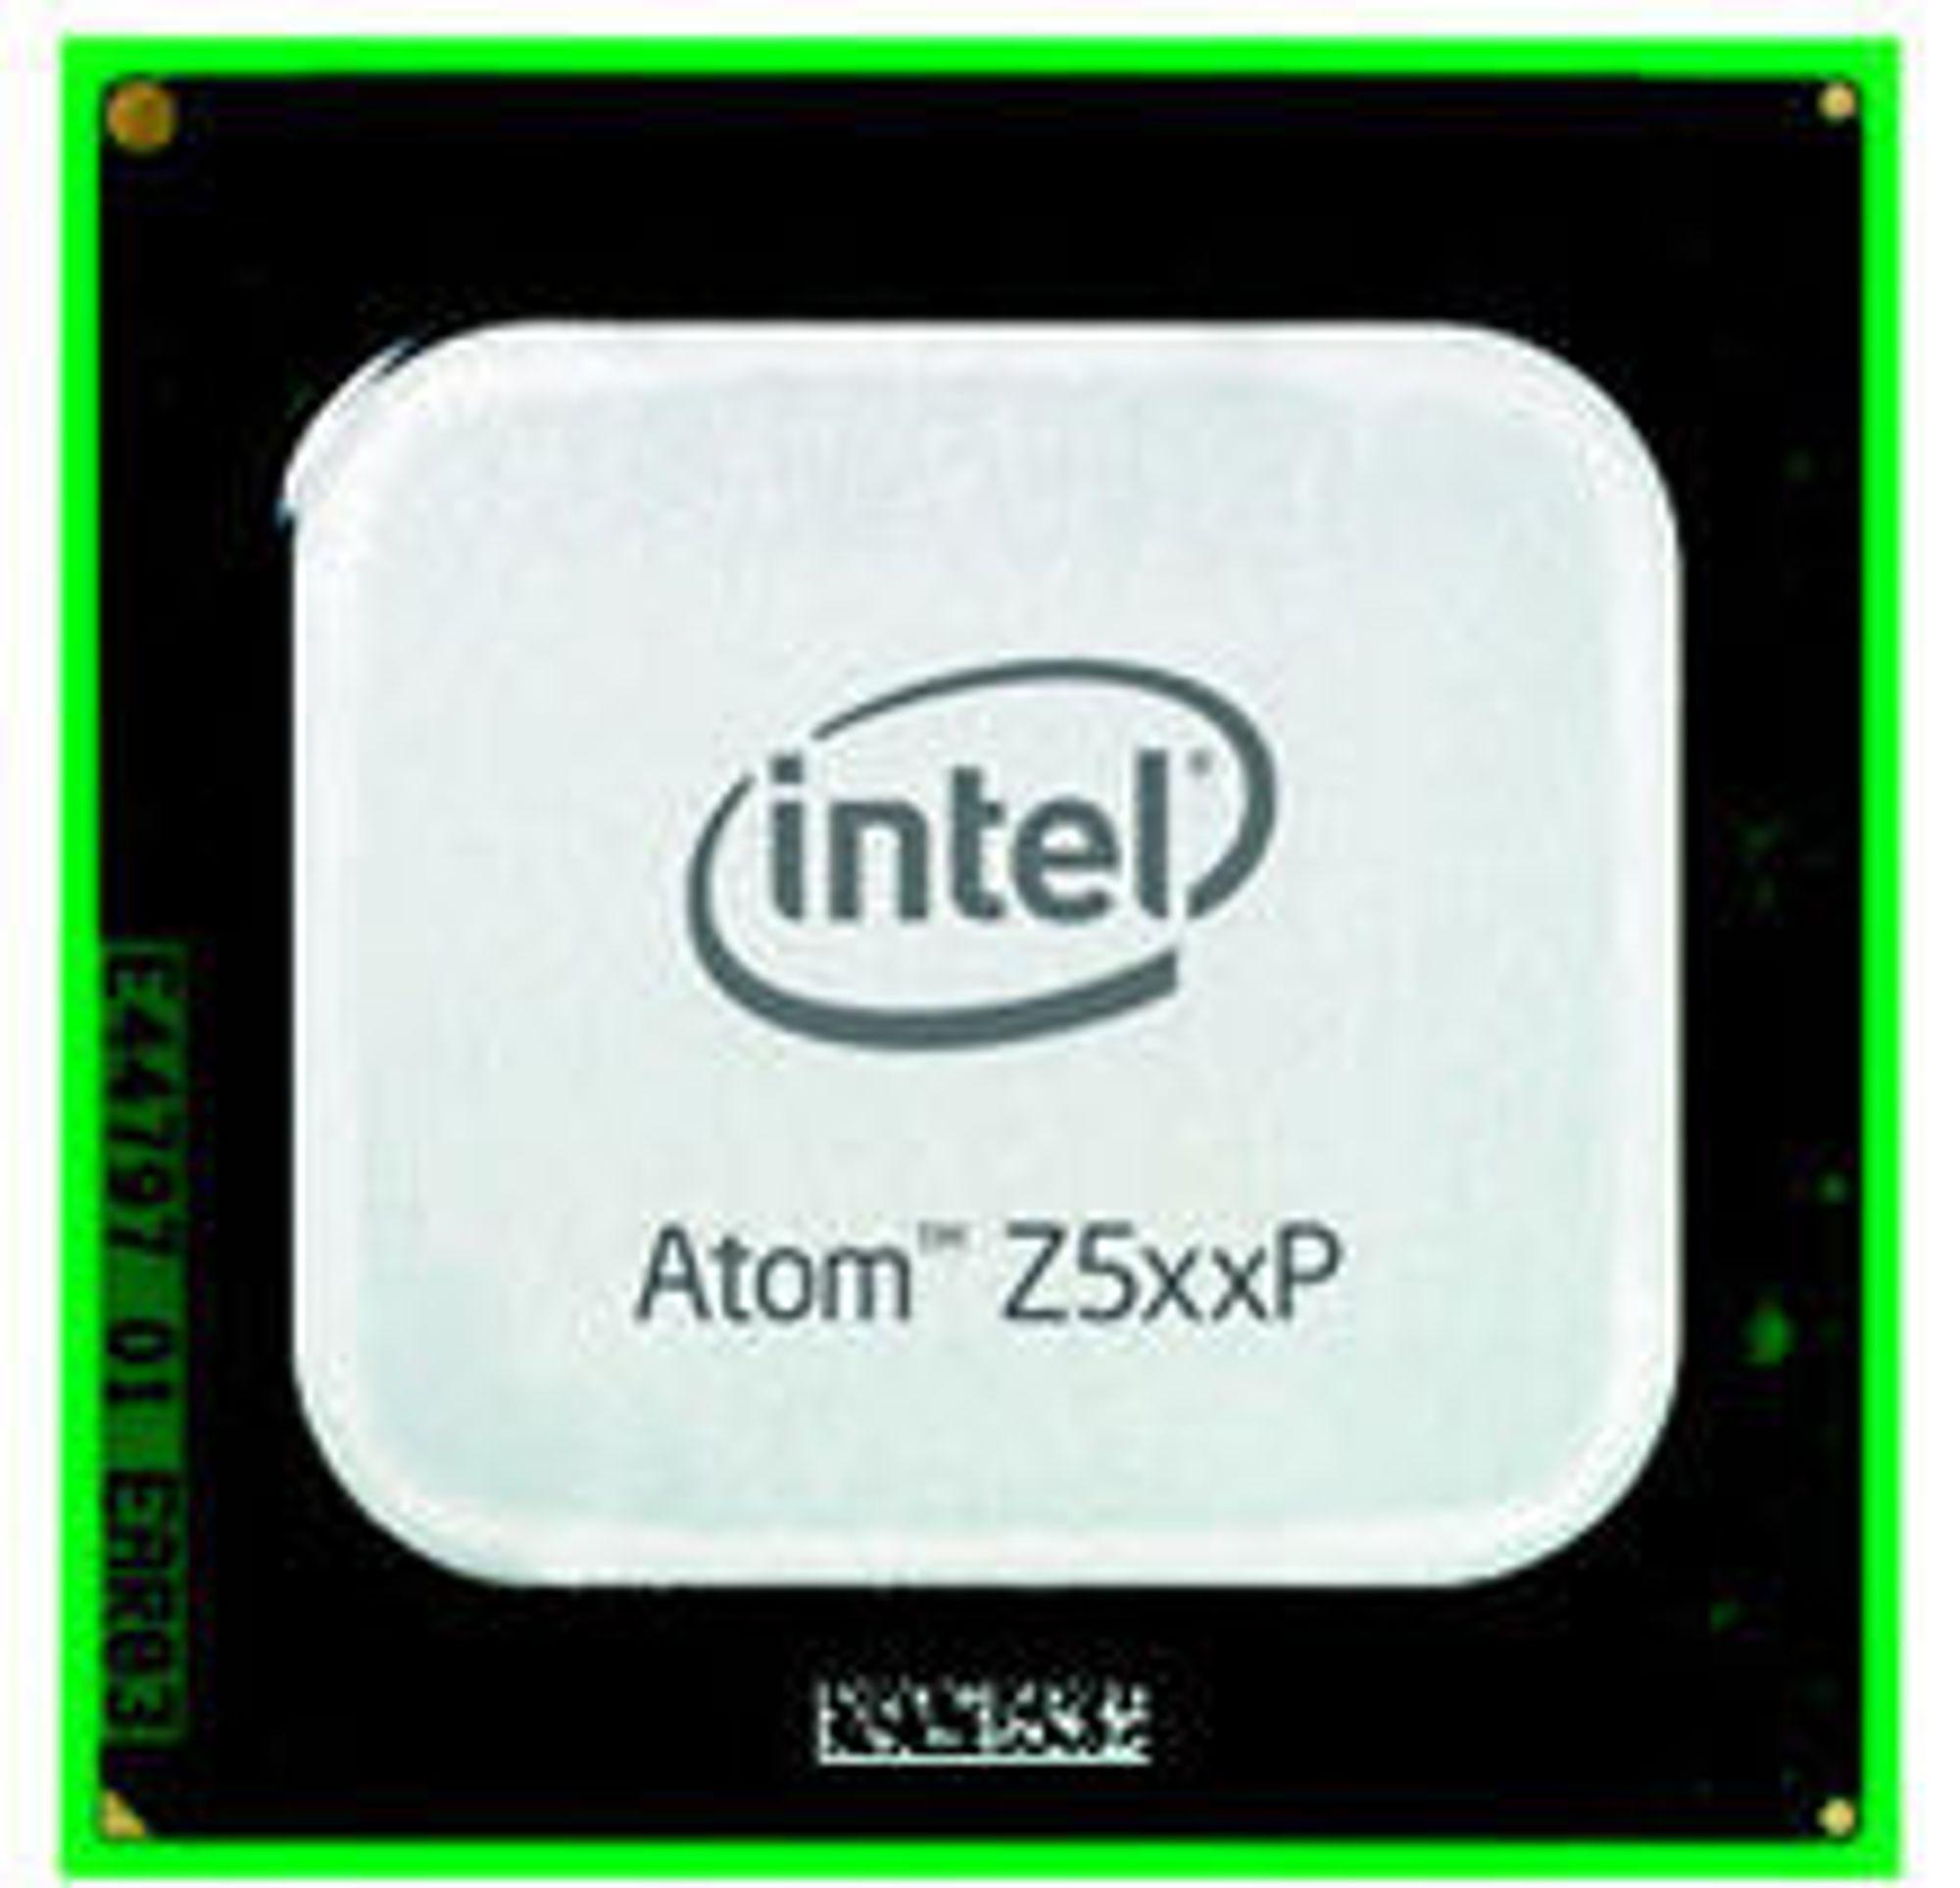 Intel Atom Z5xxP